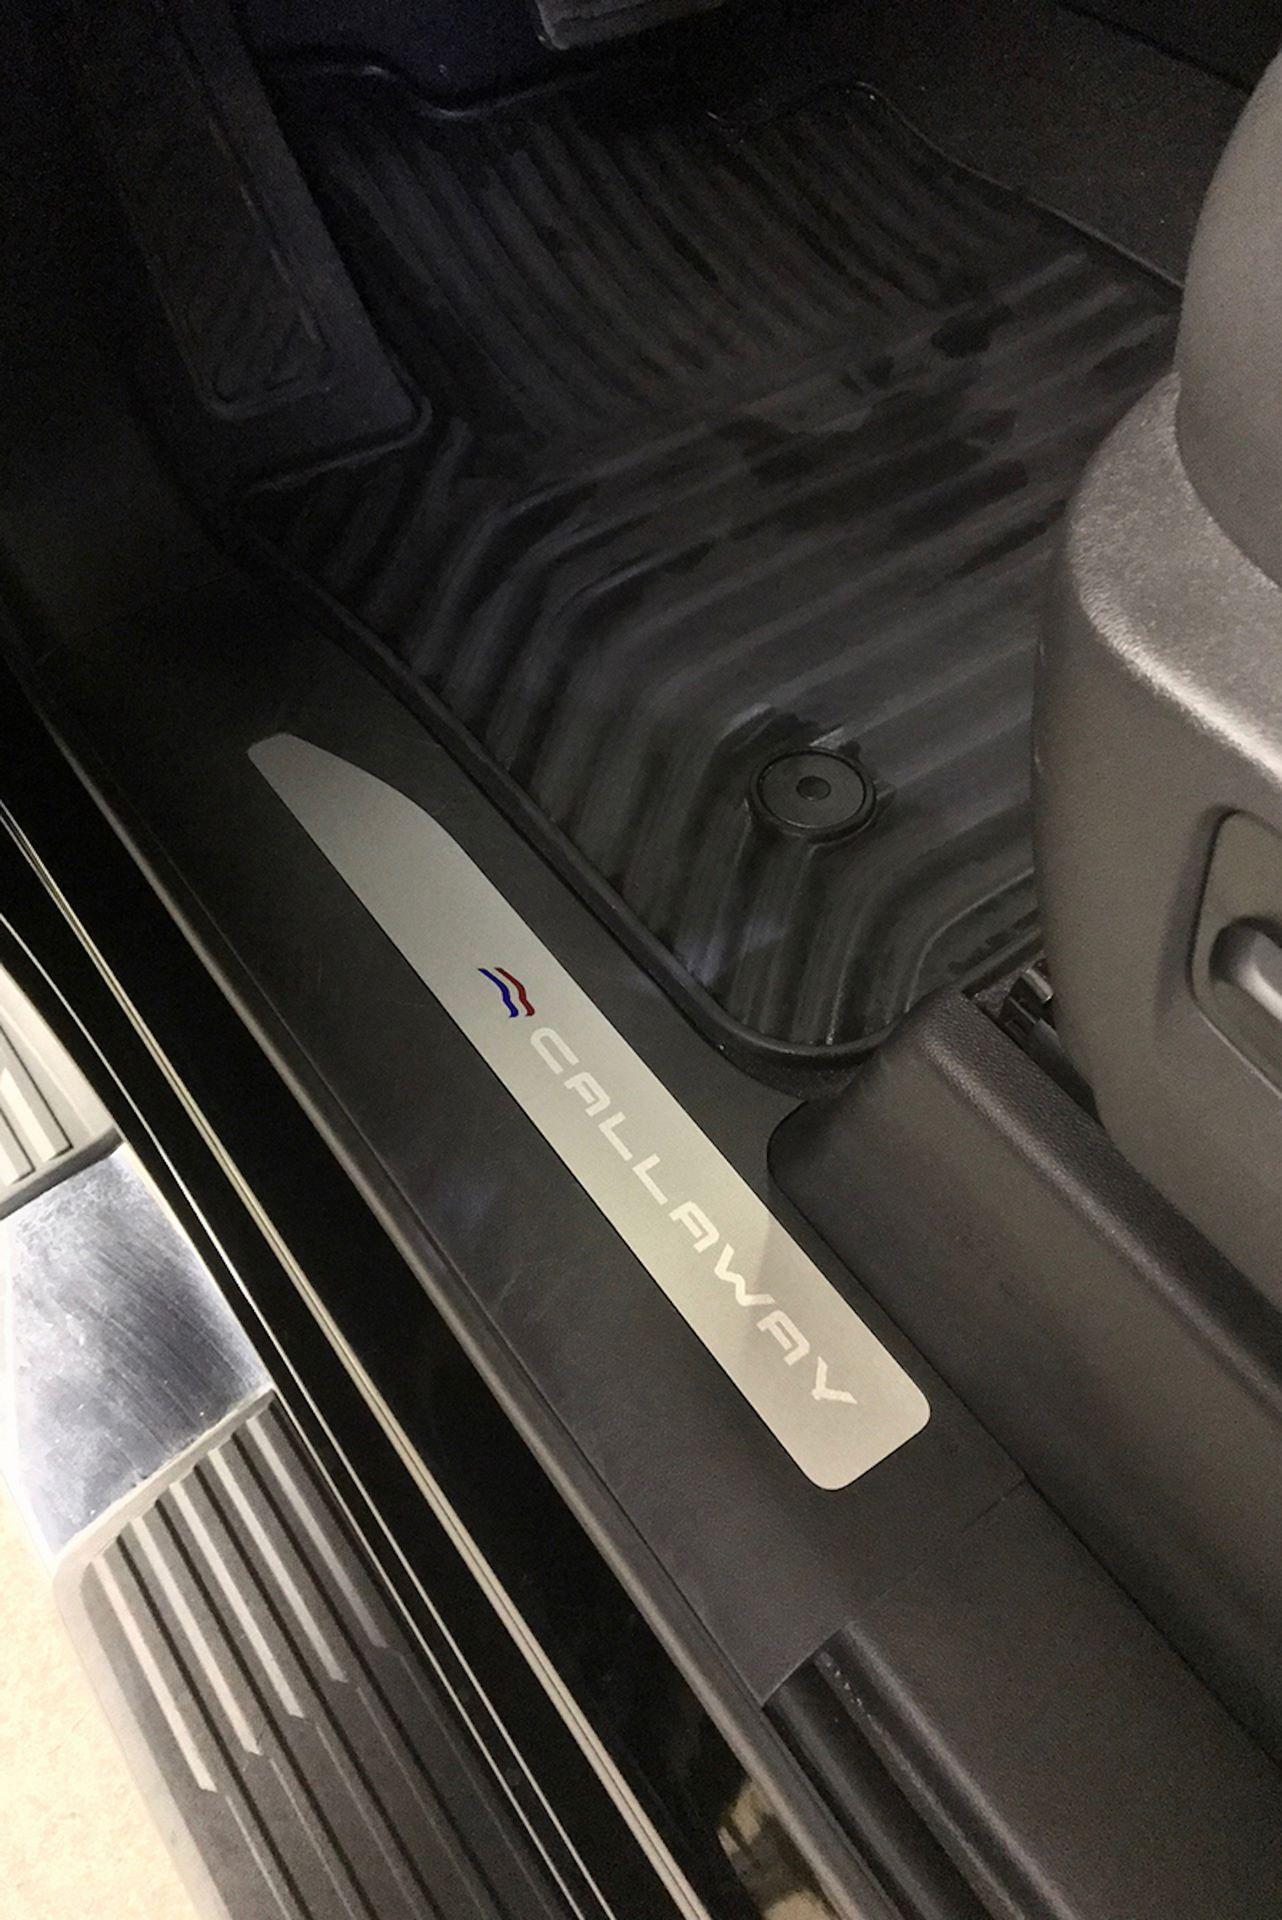 Chevrolet-Silverado-Signature-Edition-by-Callaway-7